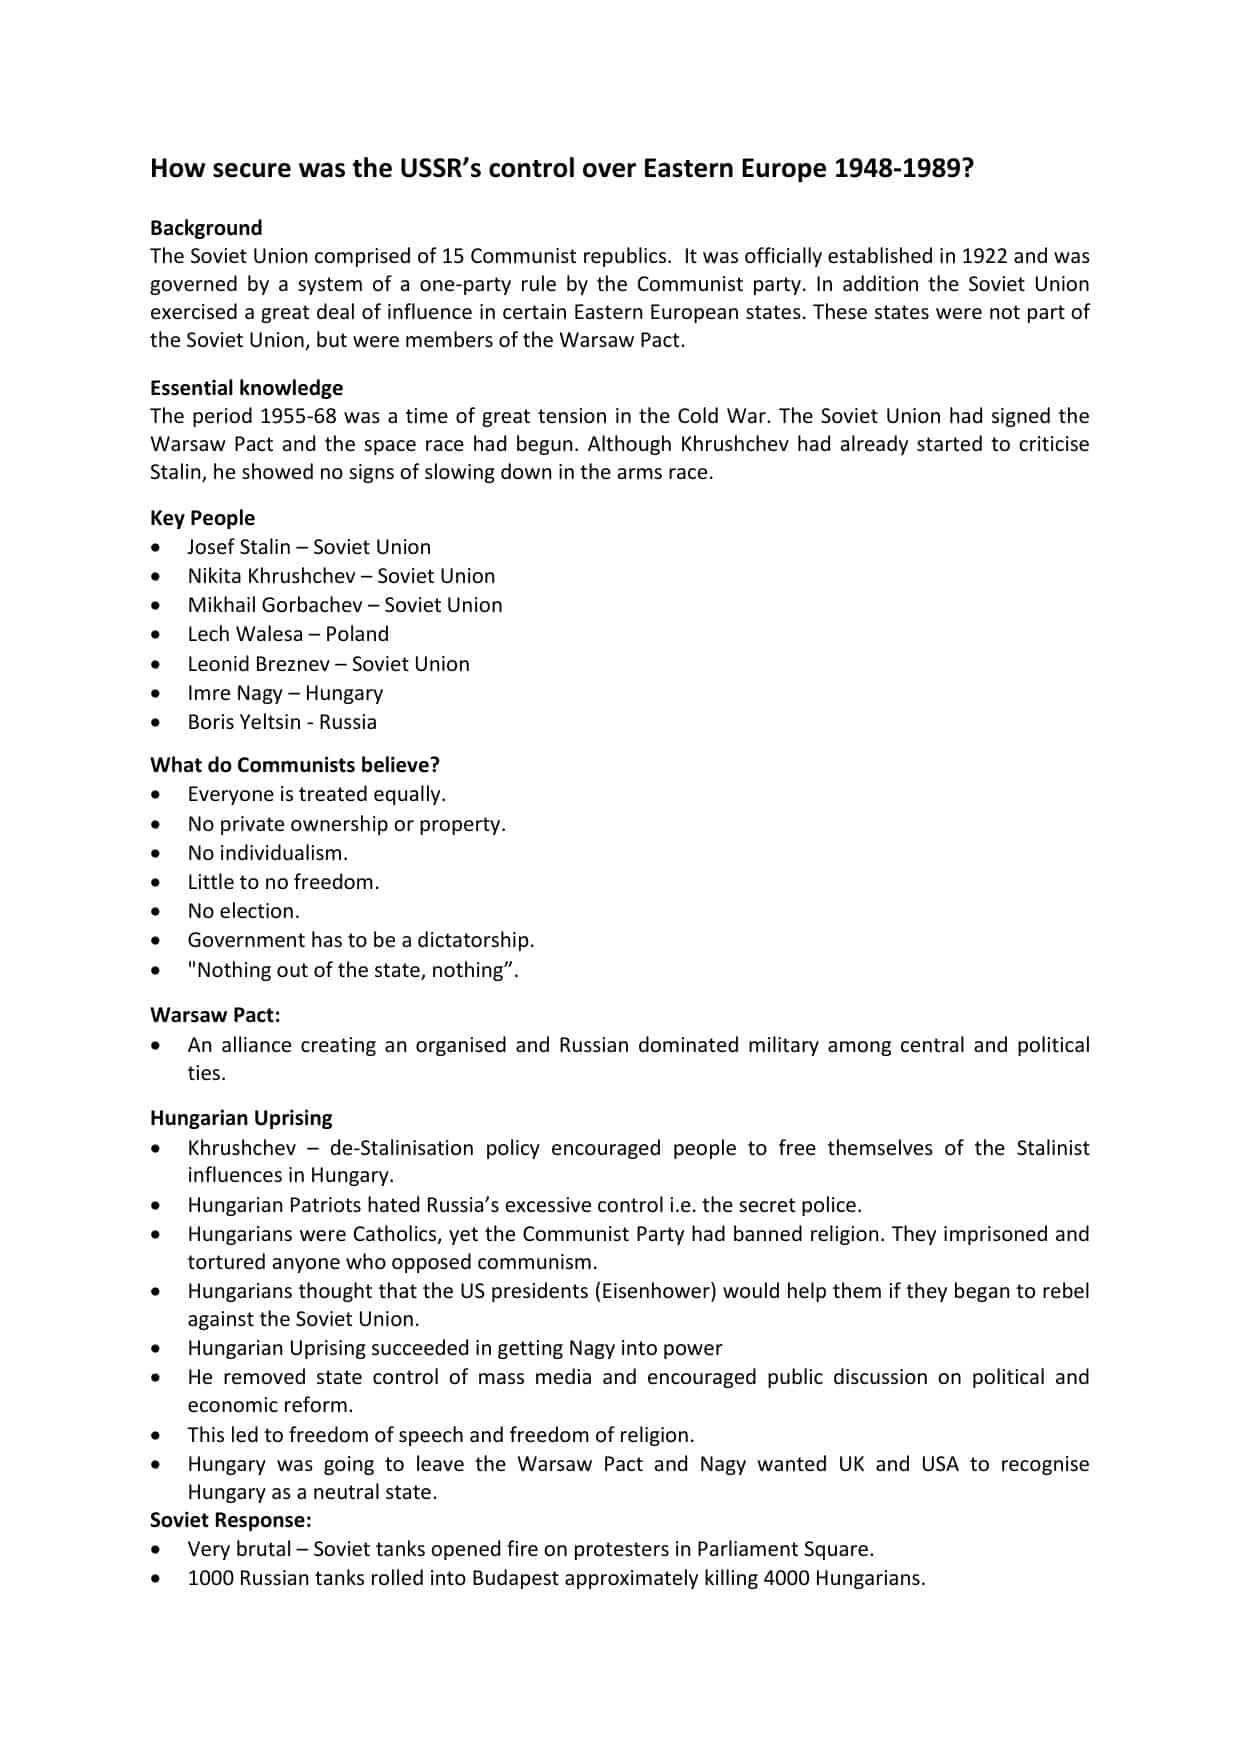 hight resolution of The Cold War Worksheets   KS3 \u0026 KS4 Lesson Plans \u0026 Resources